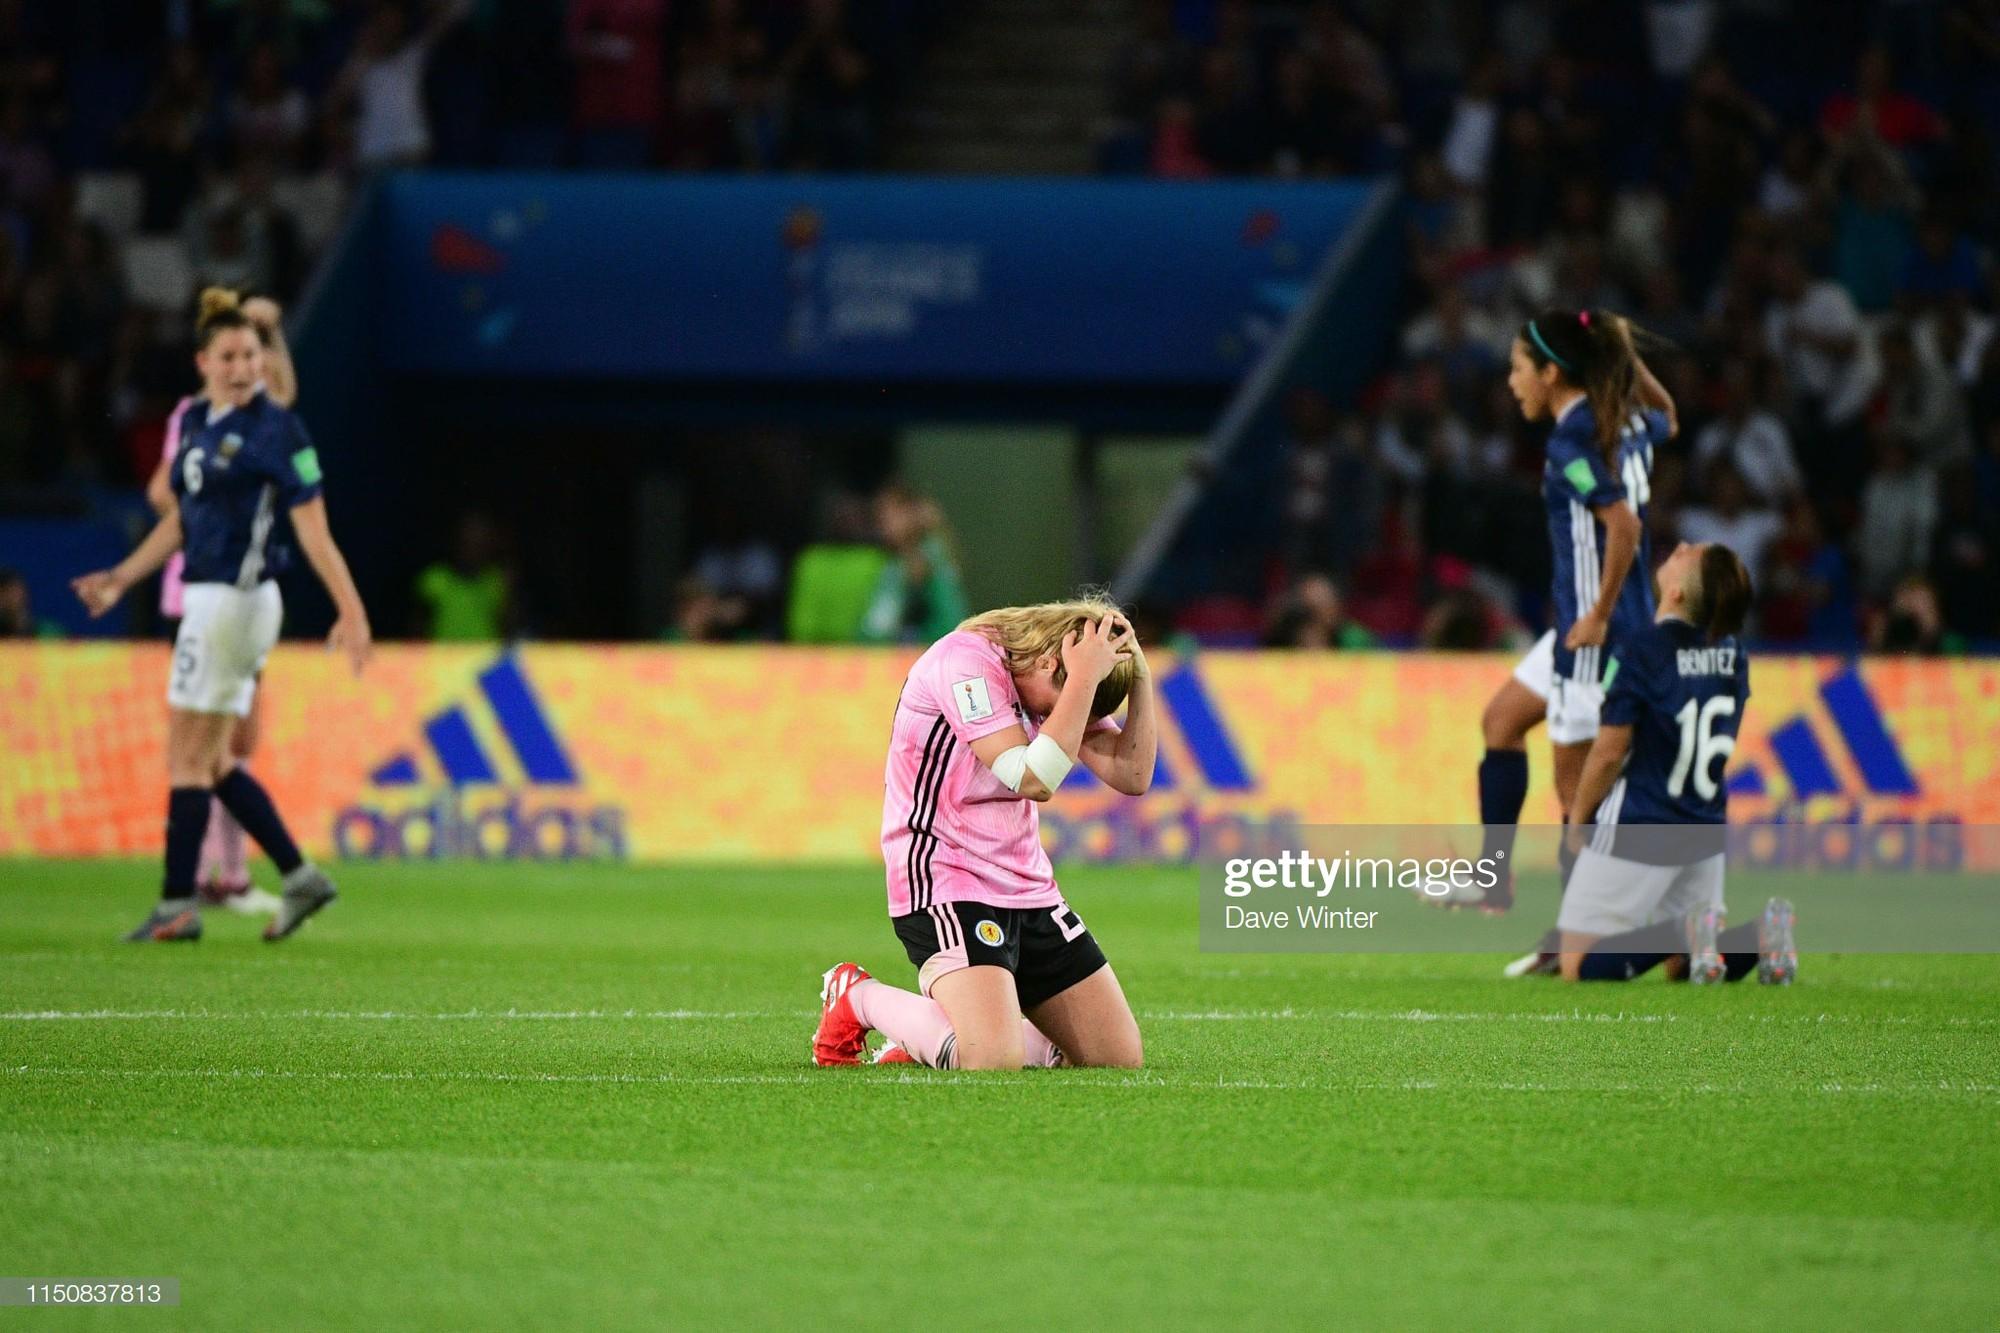 Dẫn trước 3 bàn nhưng bị gỡ hòa trong vỏn vẹn 20 phút, tuyển nữ Scotland bật khóc nức nở khi bị loại khỏi World Cup nữ 2019 - Ảnh 4.